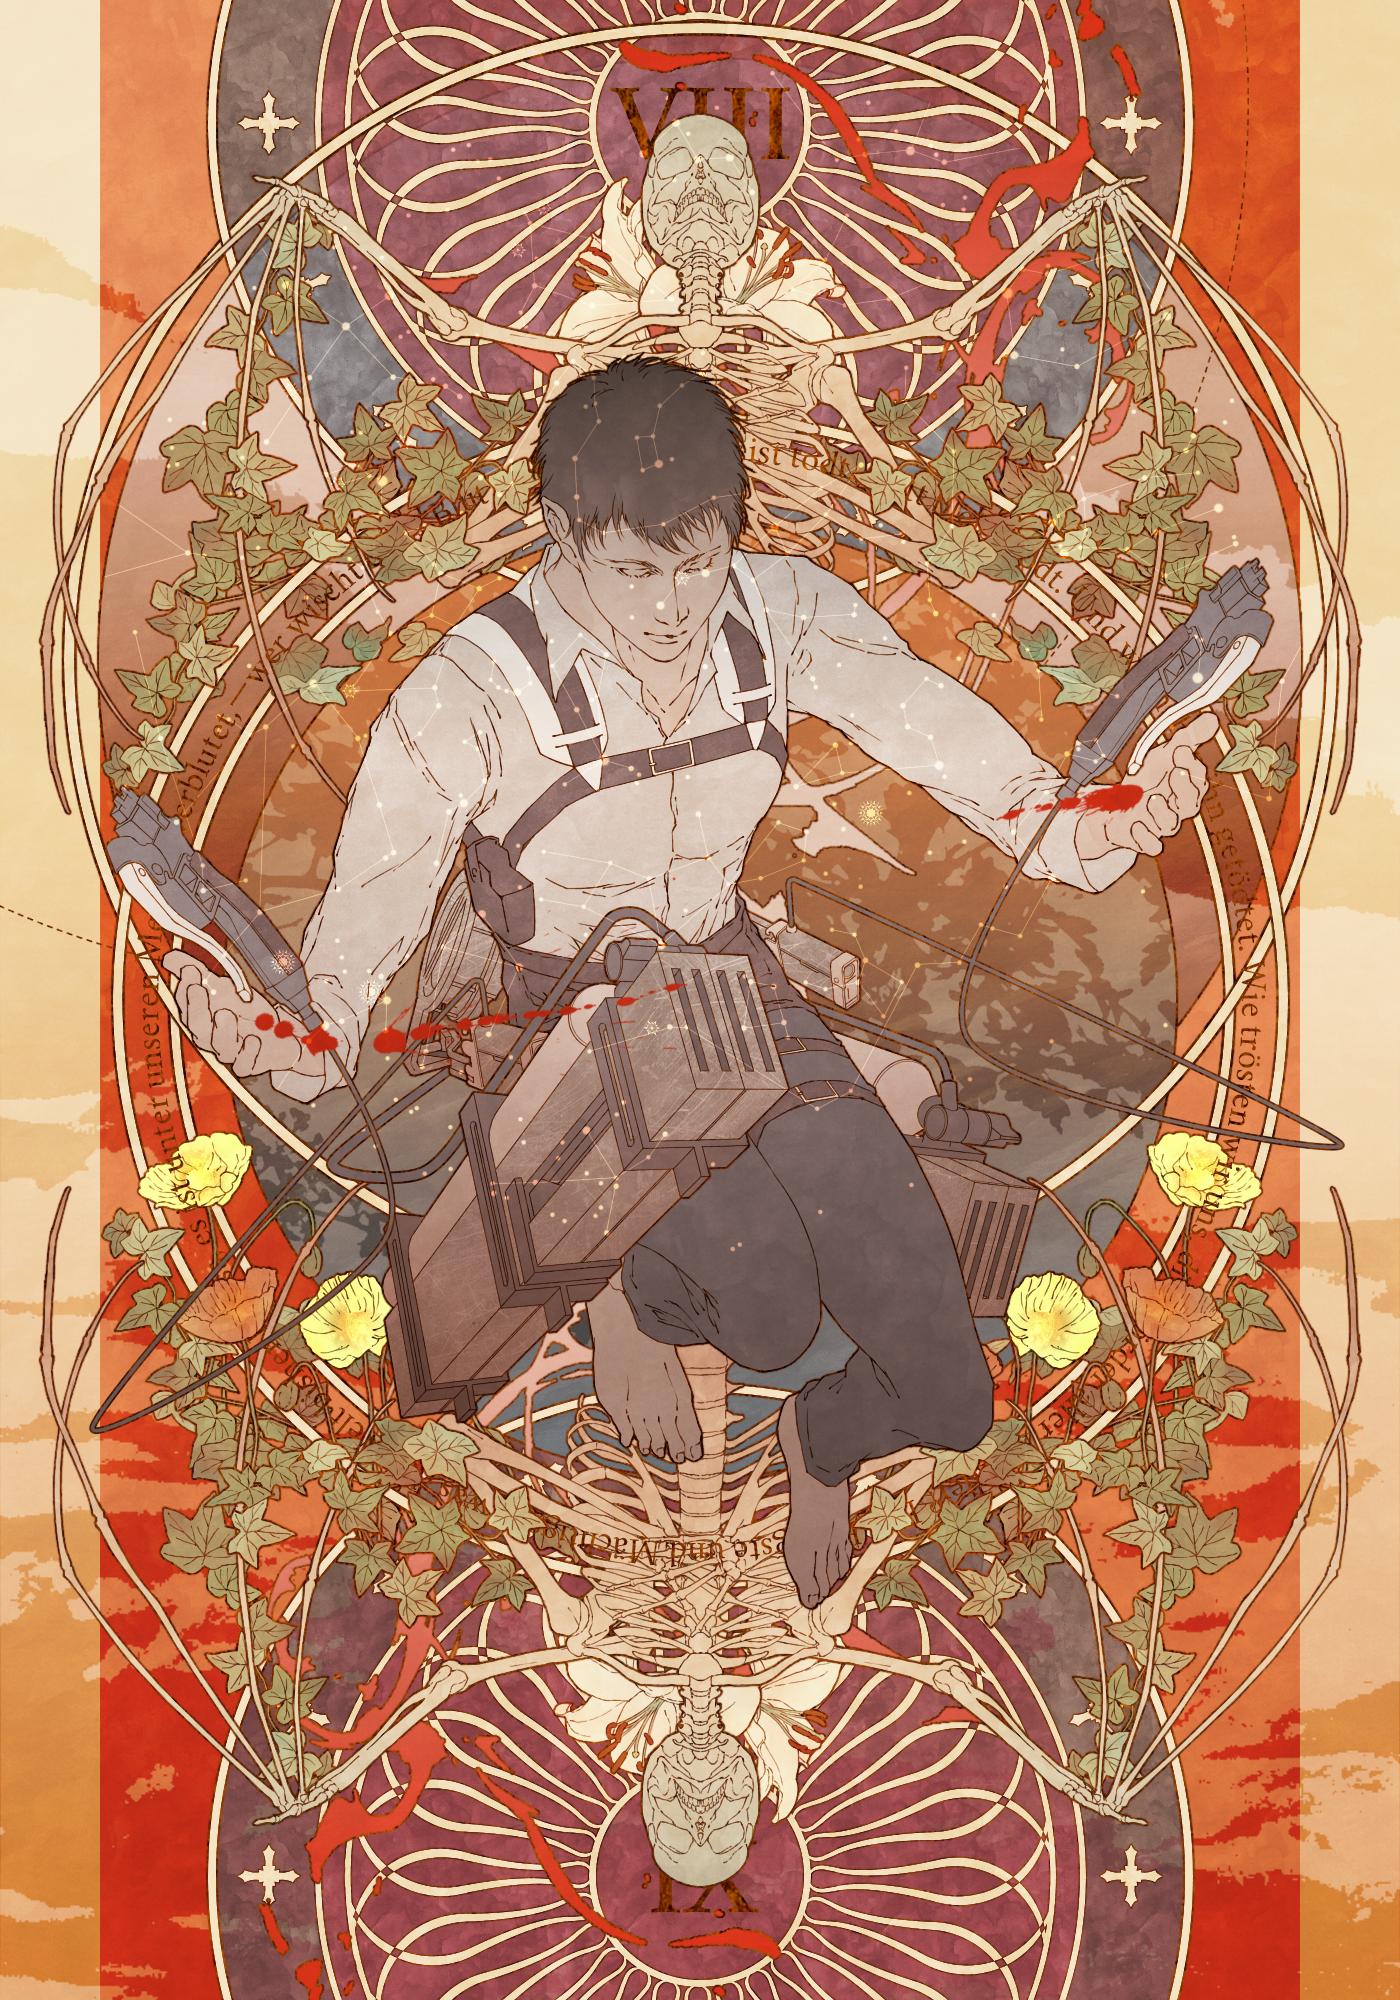 Bertholdt Fubar, Fanart | page 20 - Zerochan Anime Image Board